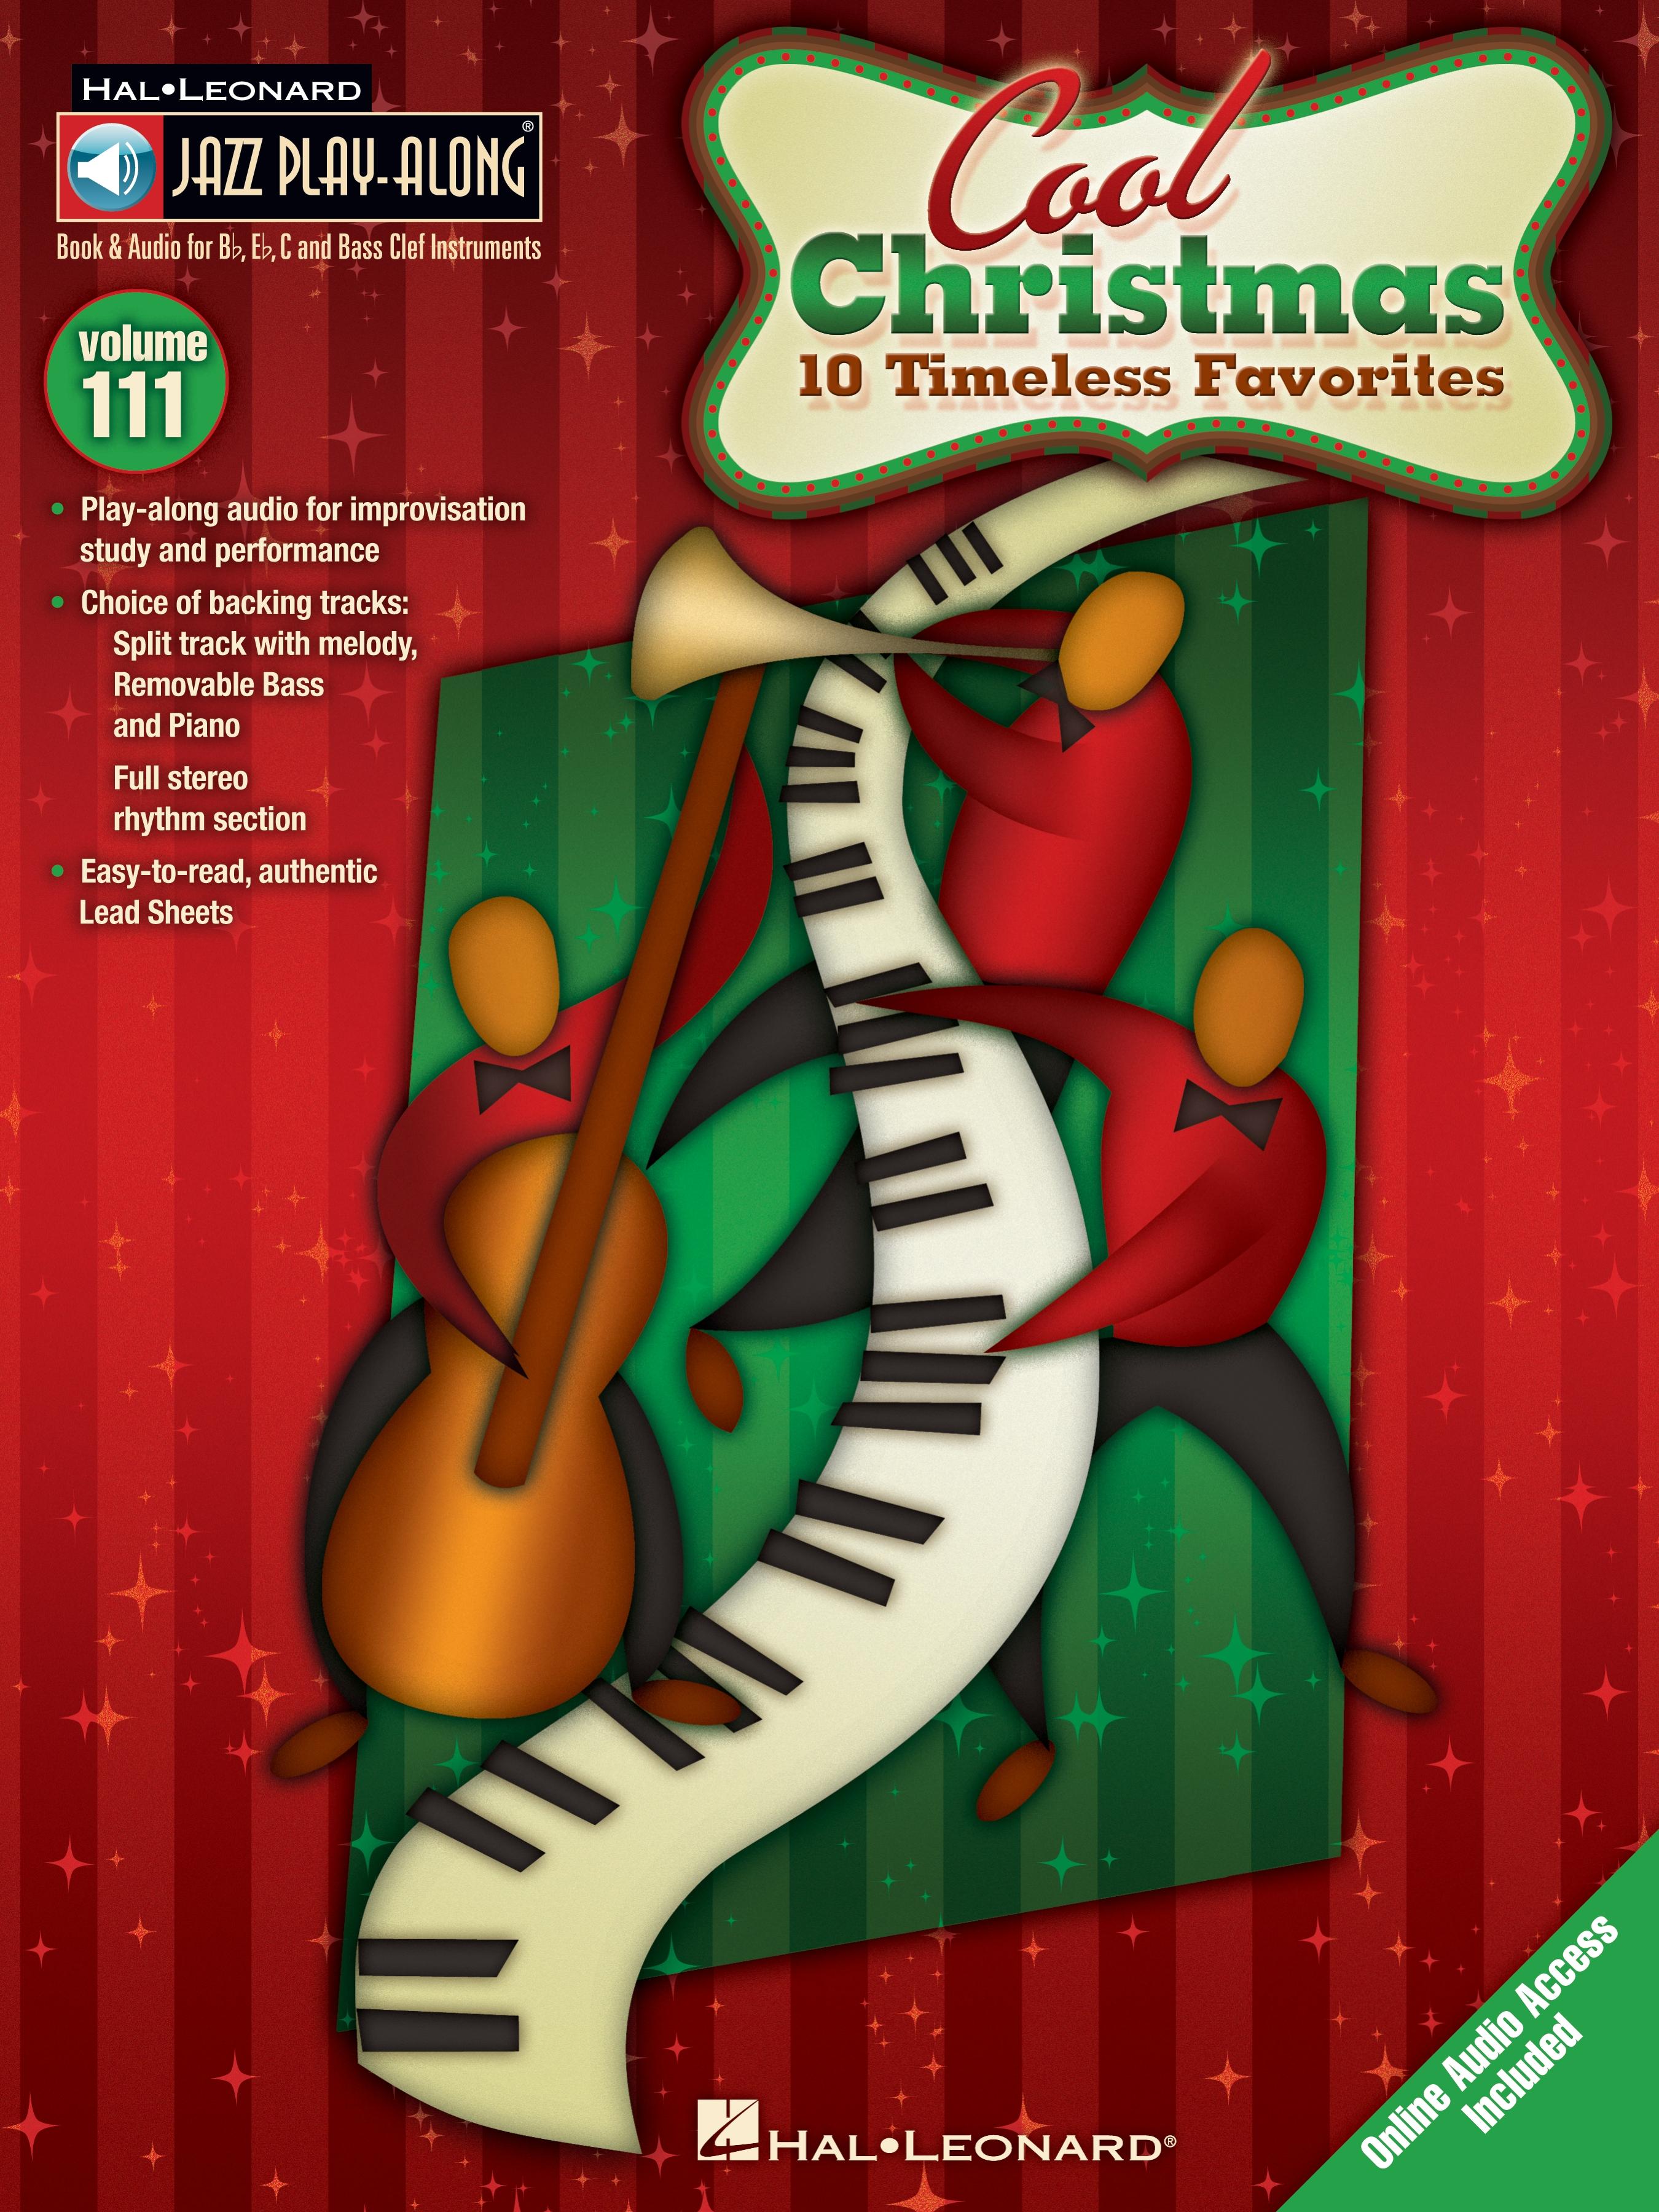 Jazz Play-Along Volume 111-Cool Christmas